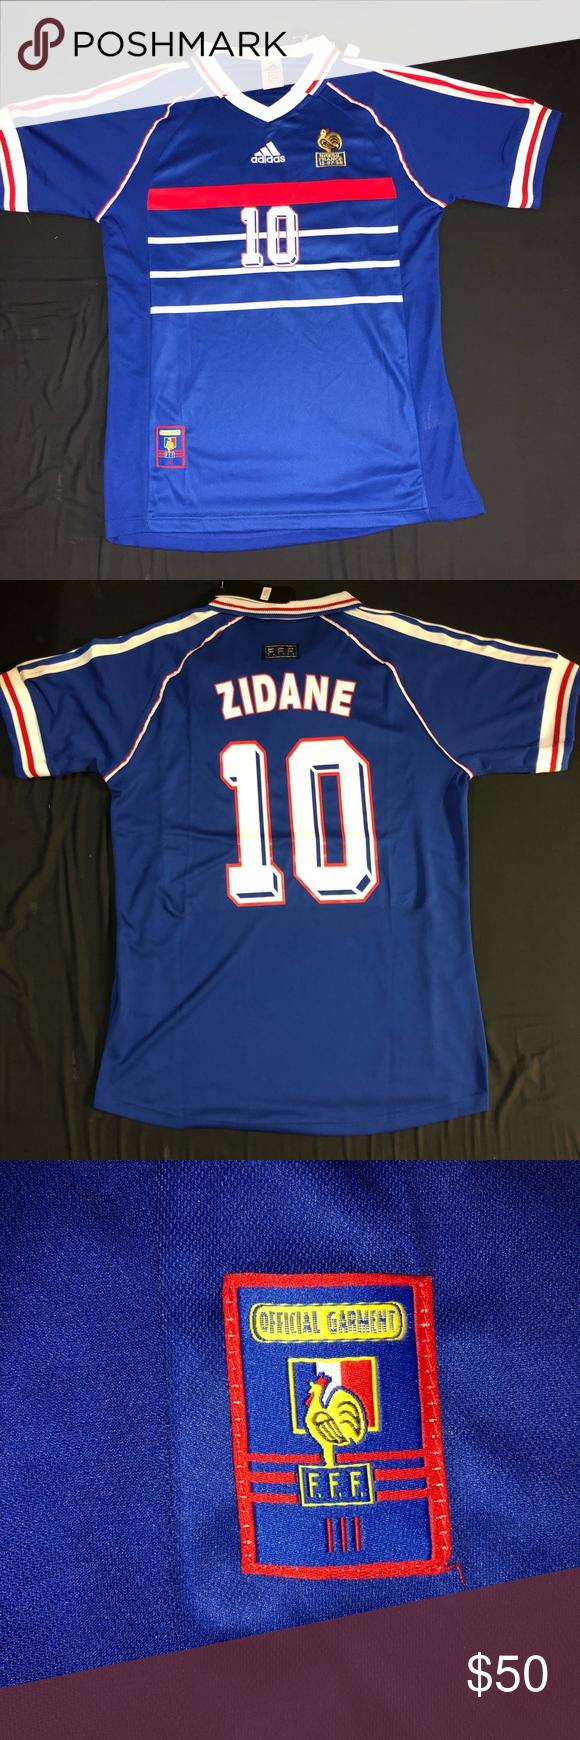 France 98 Jersey Zidane Nwt Jersey Adidas Shirt Clothes Design